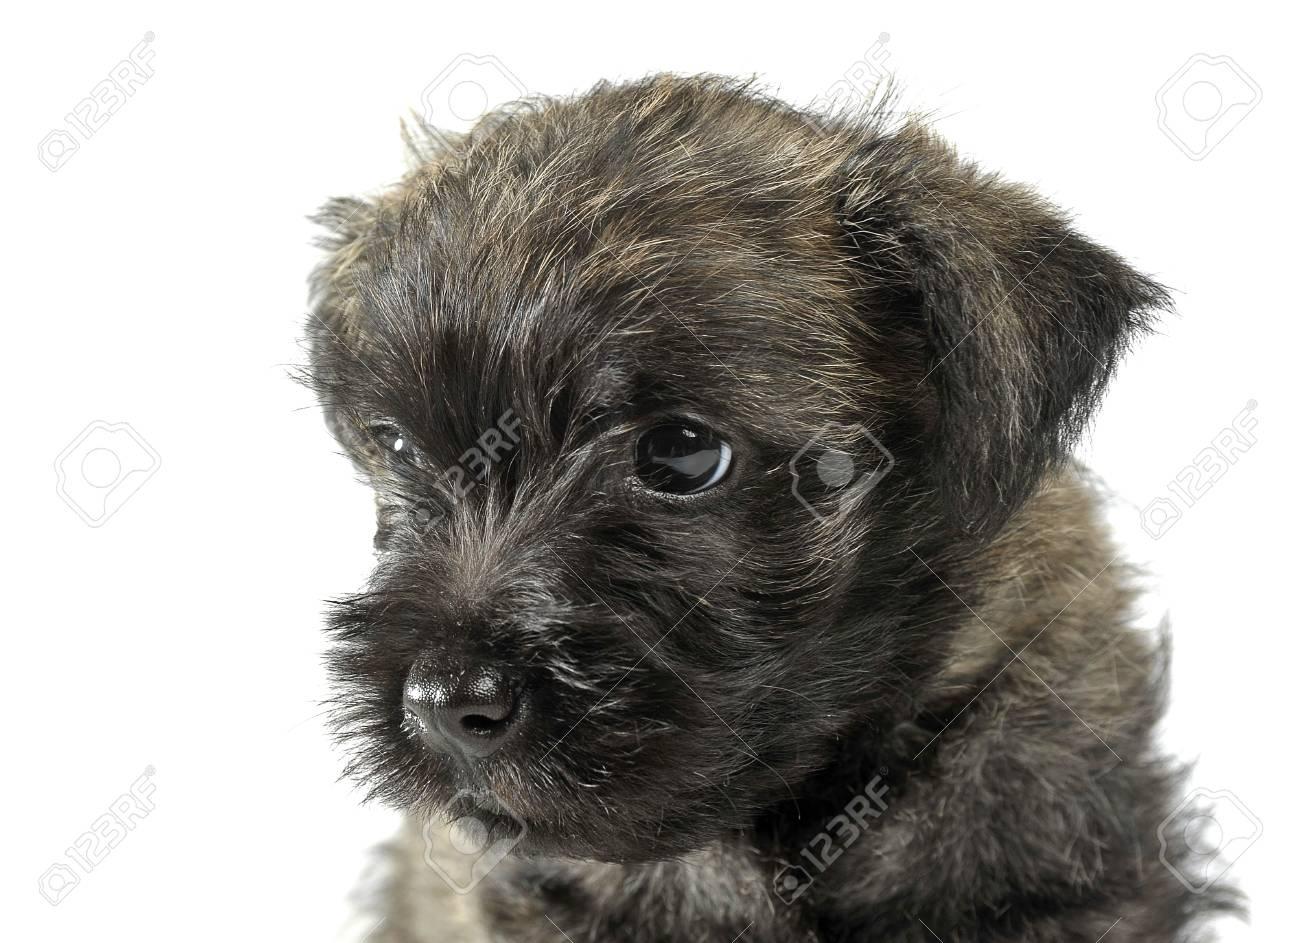 Puppy cairn terrier portrait in studio